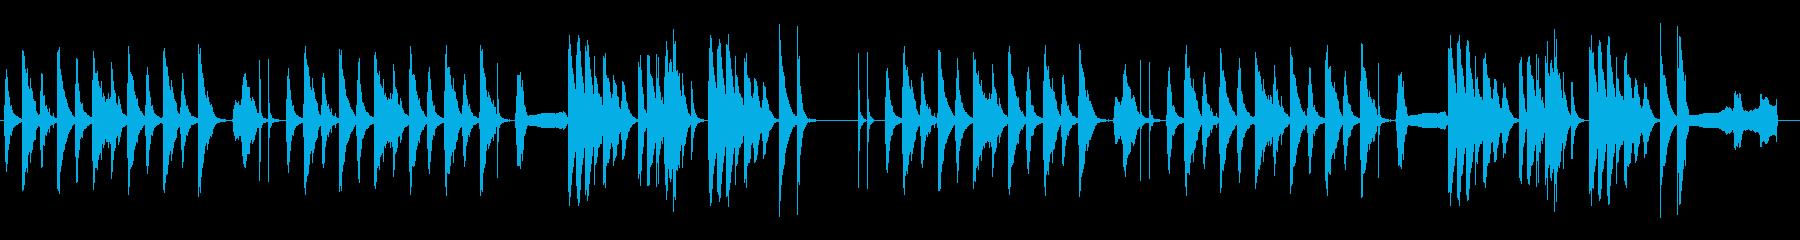 劇伴 シンプル 日常 ネコの鳴き声入の再生済みの波形